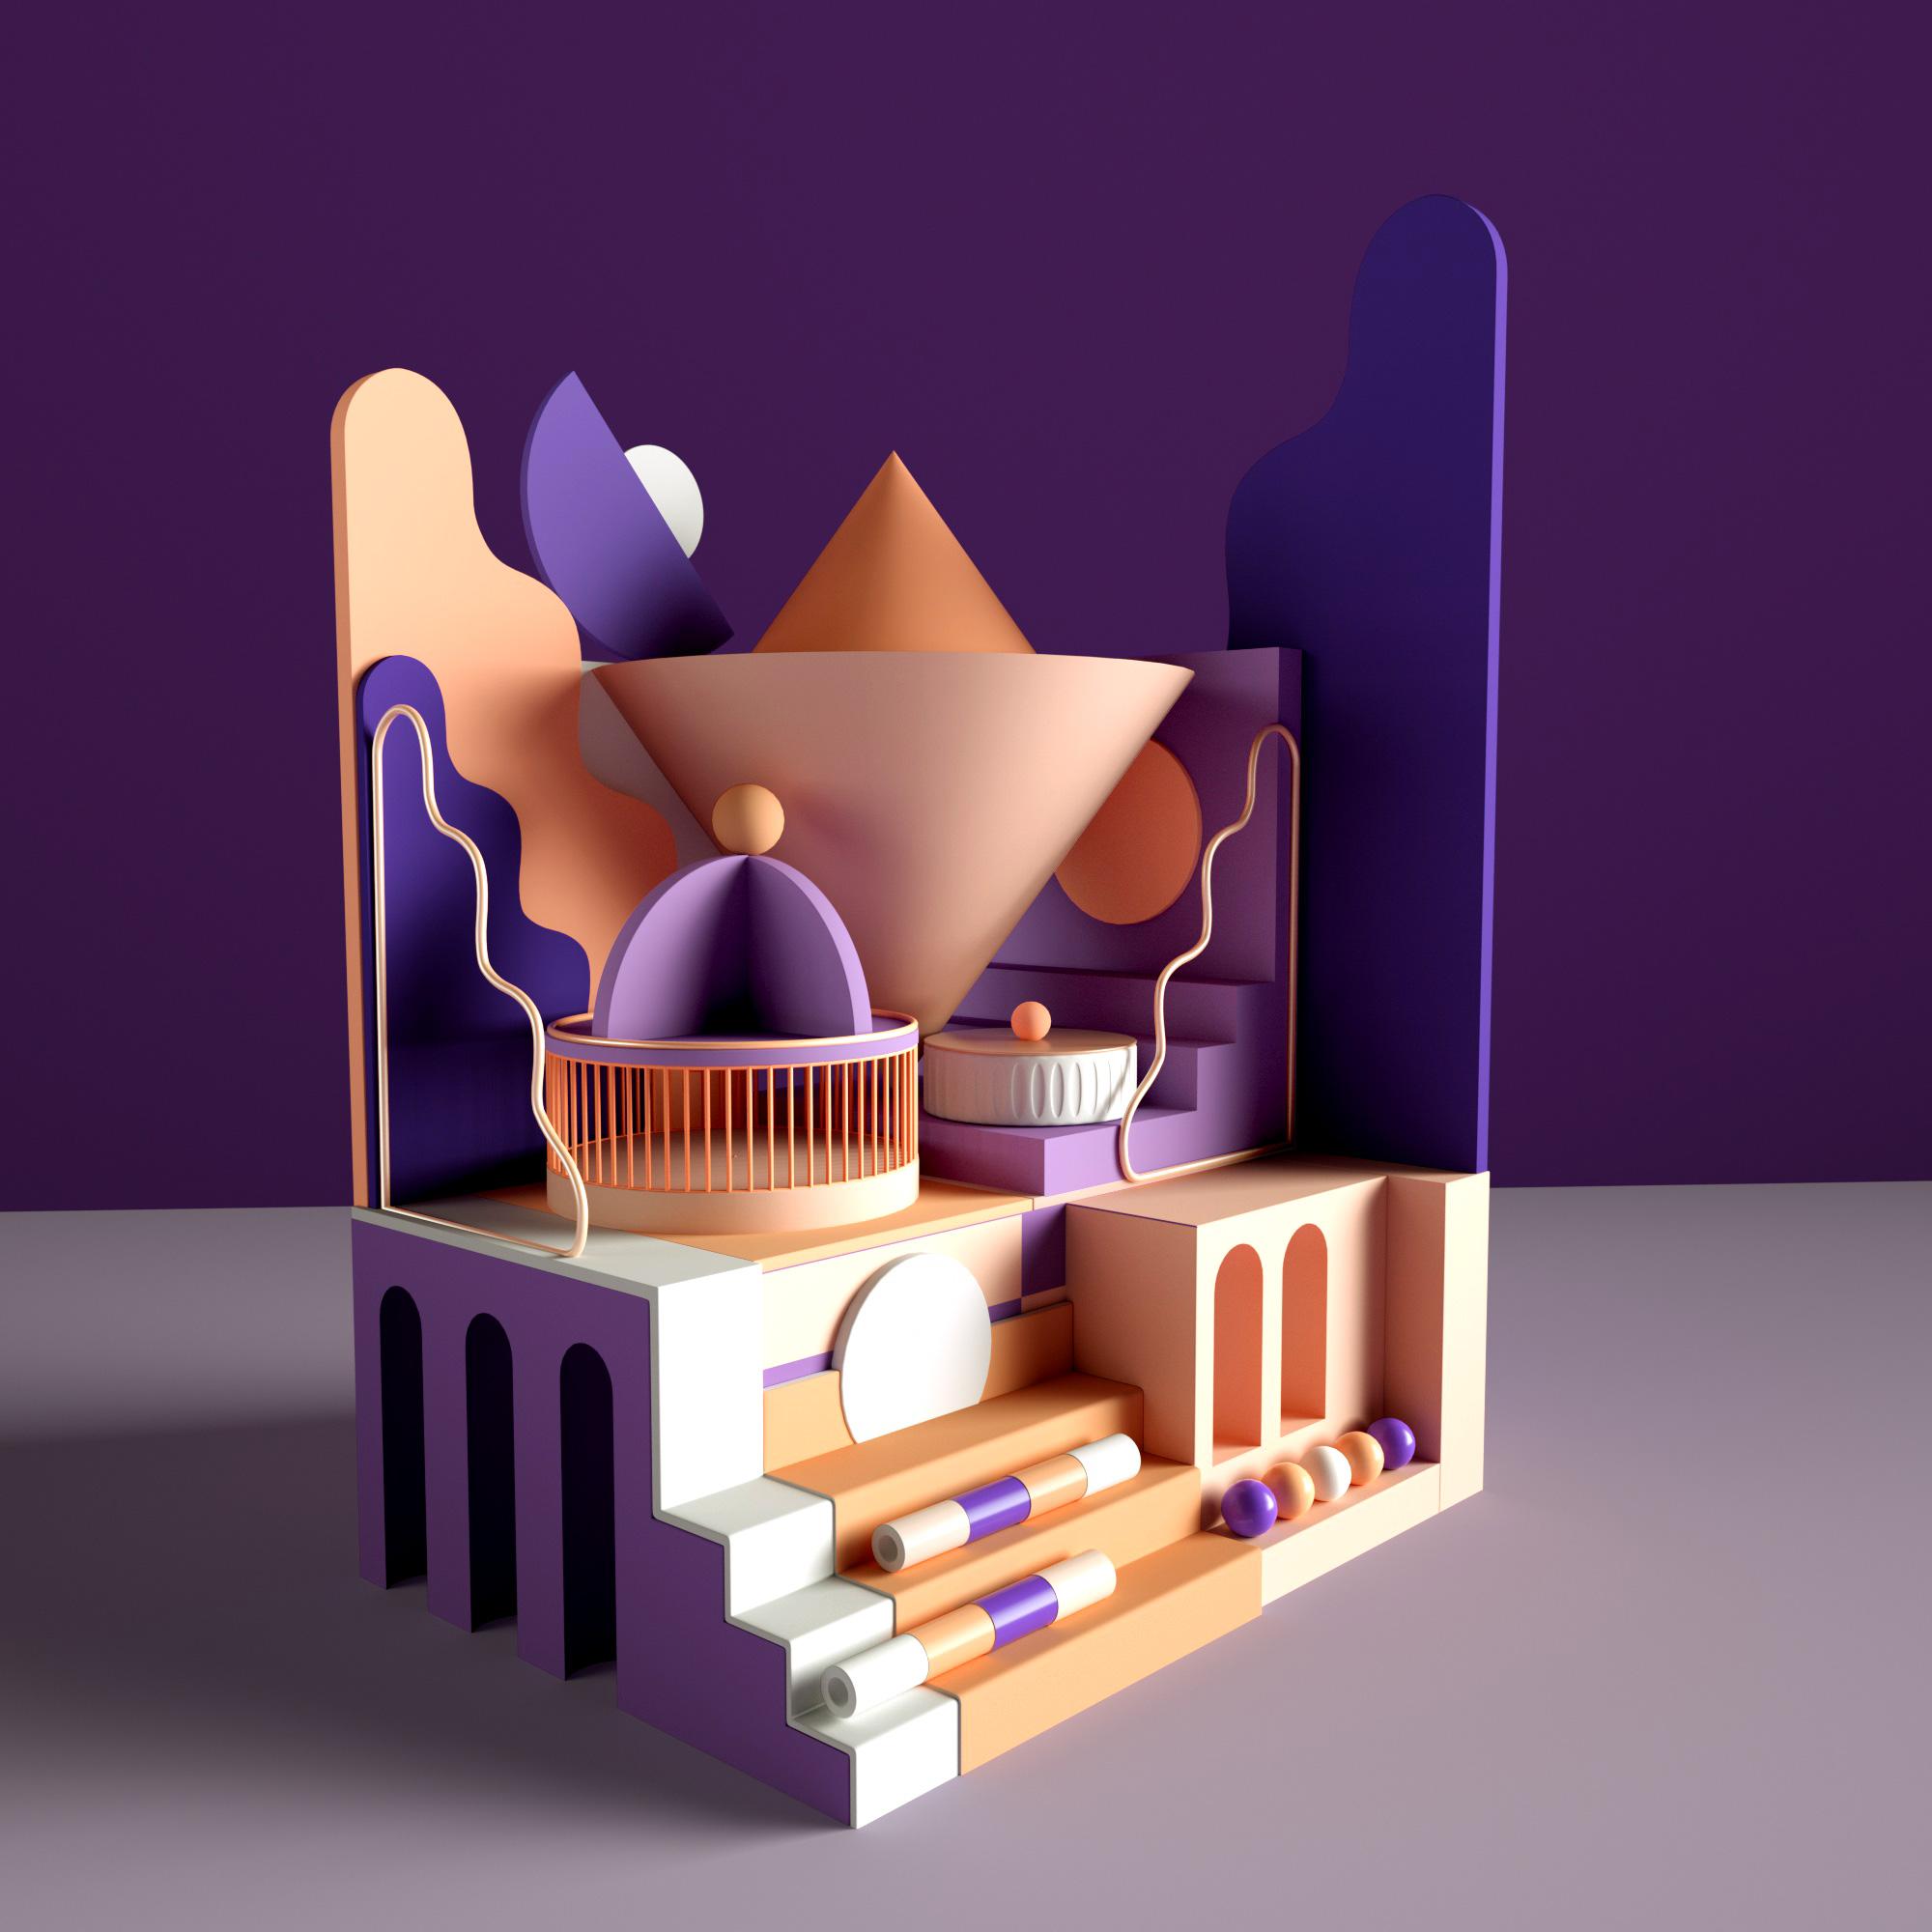 C4D模型创意炫彩几何搭建阶梯场景028.jpg